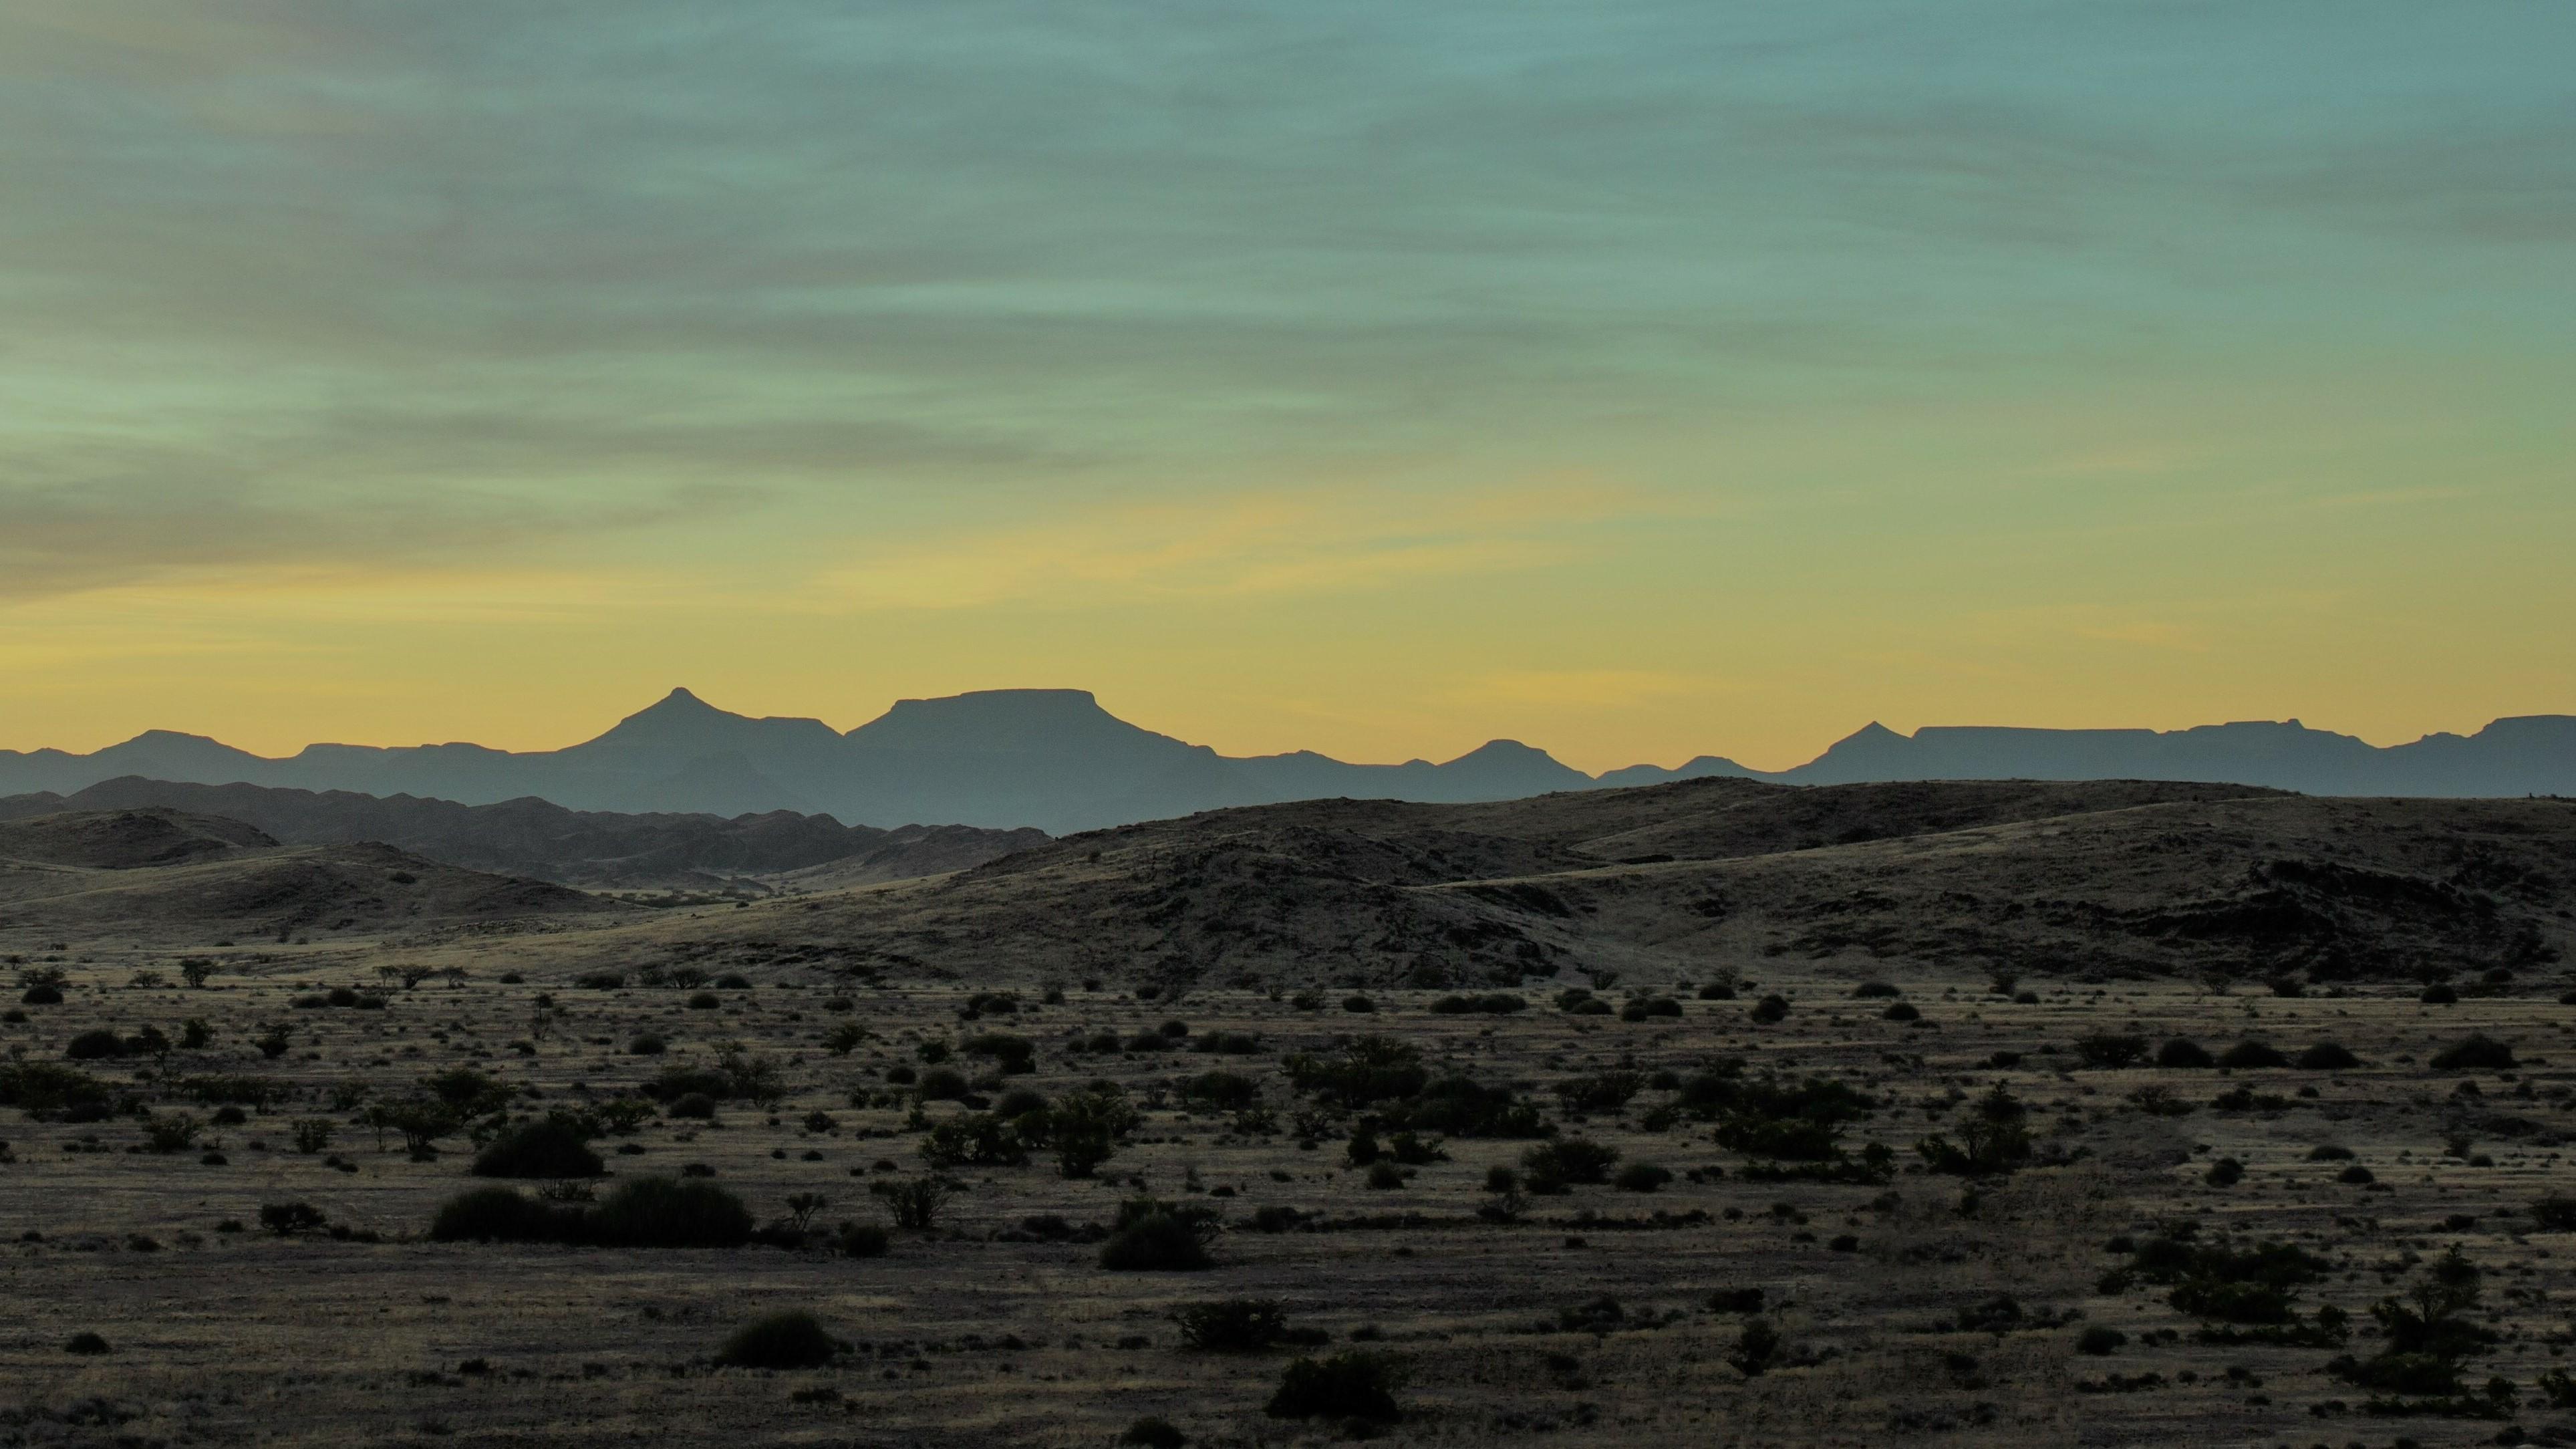 El desierto es una metáfora para un lugar de transición